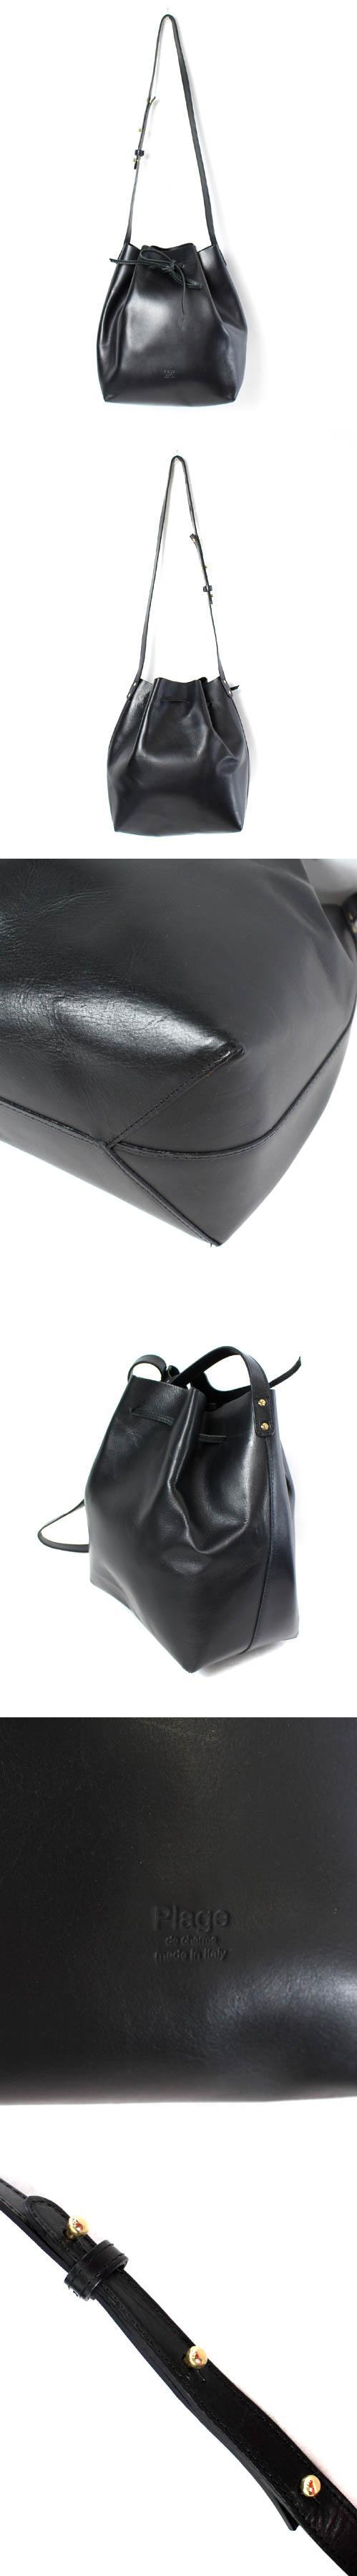 バッグ ショルダー 巾着 レザー 黒 ブラック /NT3